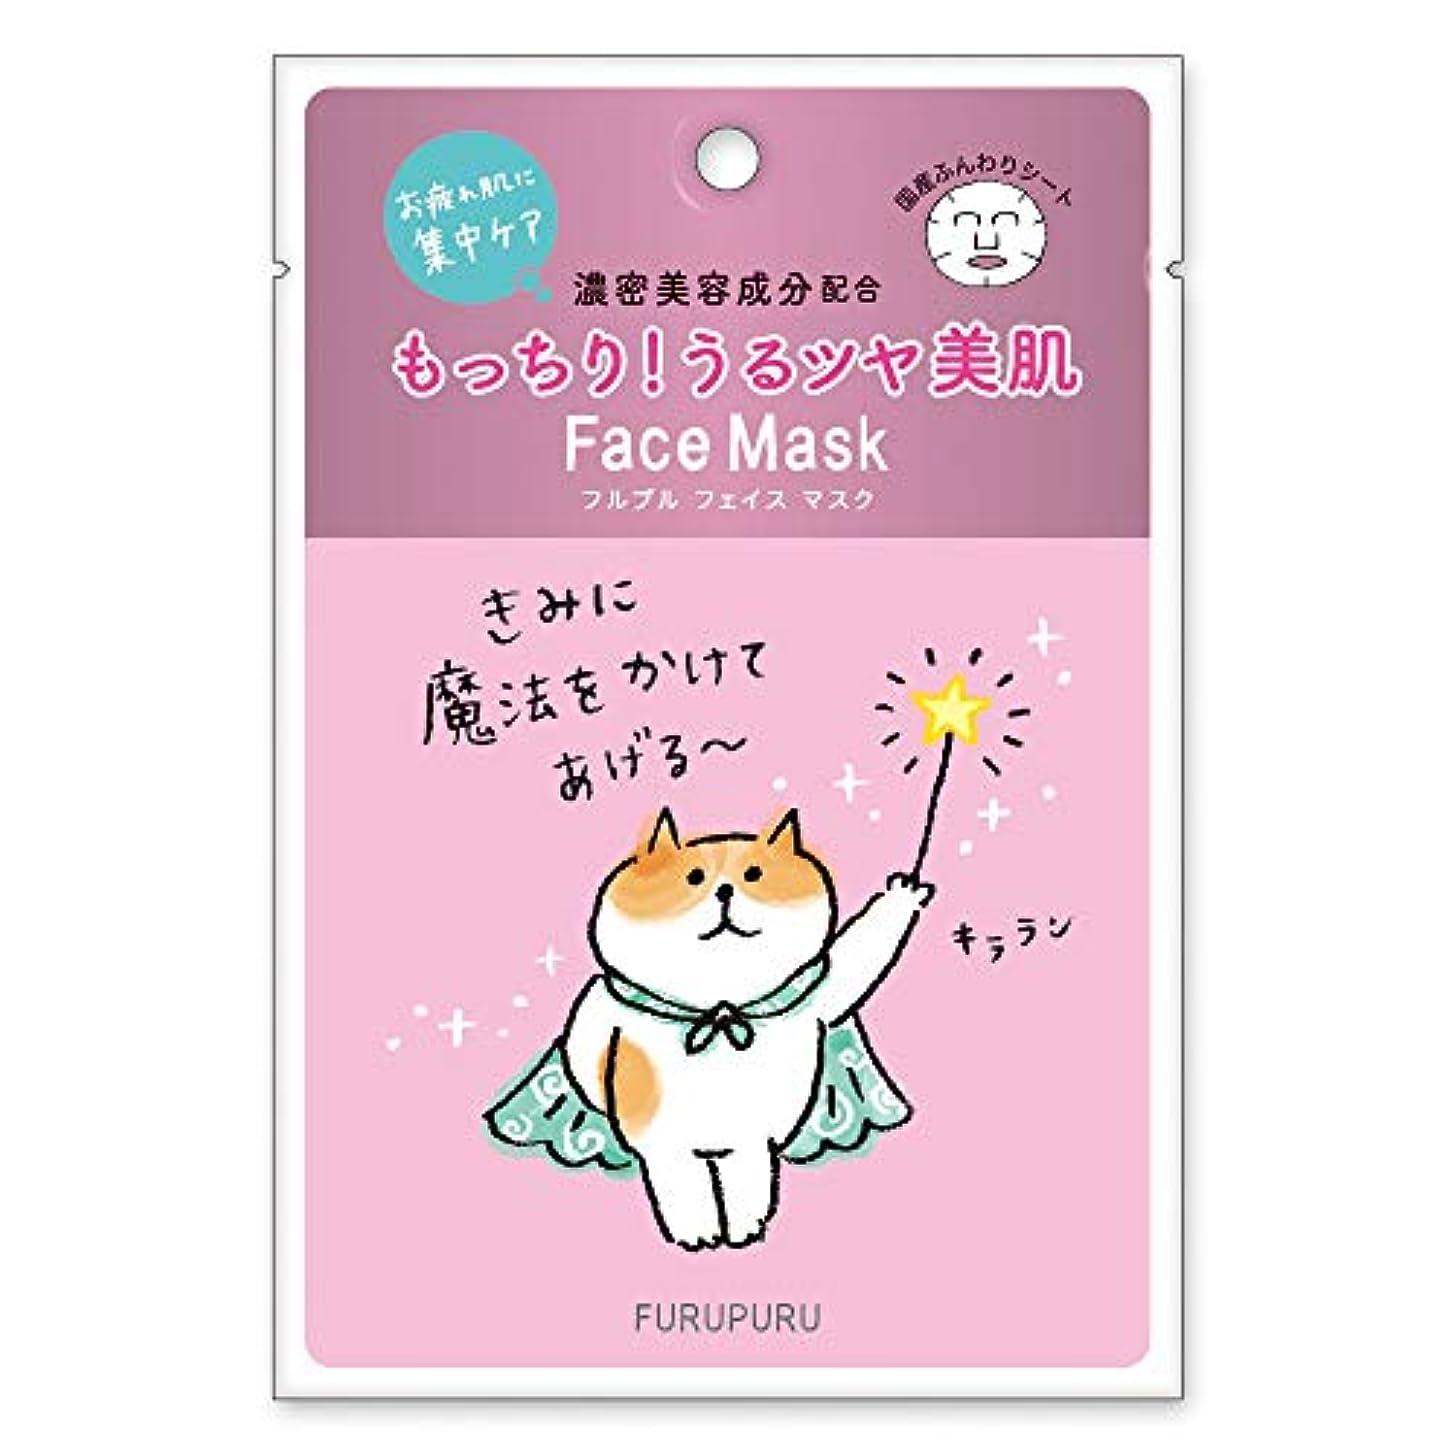 溶かす上向き評価可能フルプルクリーム フルプルフェイスマスク ごろごろにゃんすけ 魔法 やさしく香る天然ローズの香り 30g